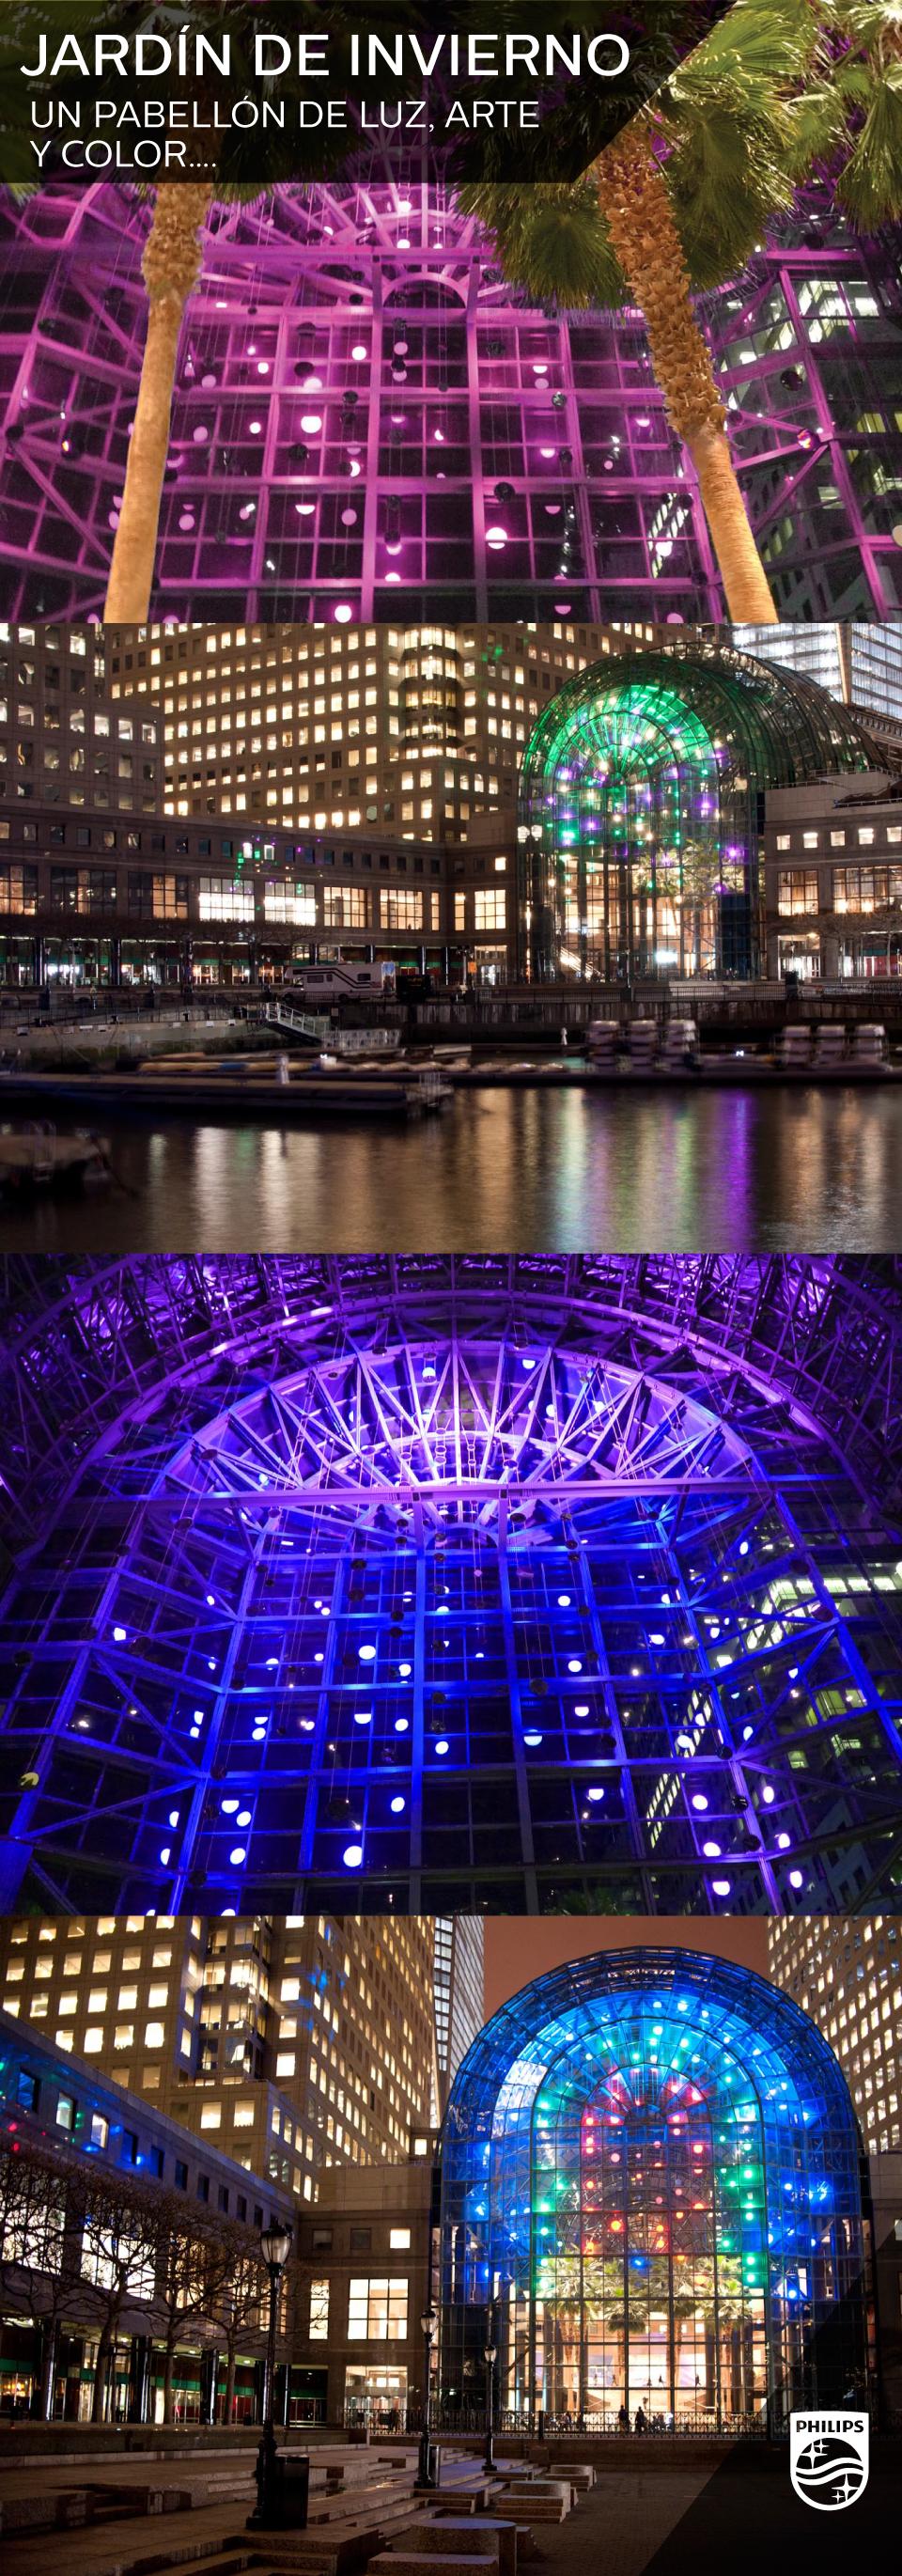 """Nueva York es una ciudad siempre sorprendente y llena de luces, una muestra de ello es el World Financial Center, donde podrás encontrar el asombroso pabellón """"Jardín de Invierno"""" con una bóveda de cristal que se ilumina en un asombroso performance de arte y luz."""